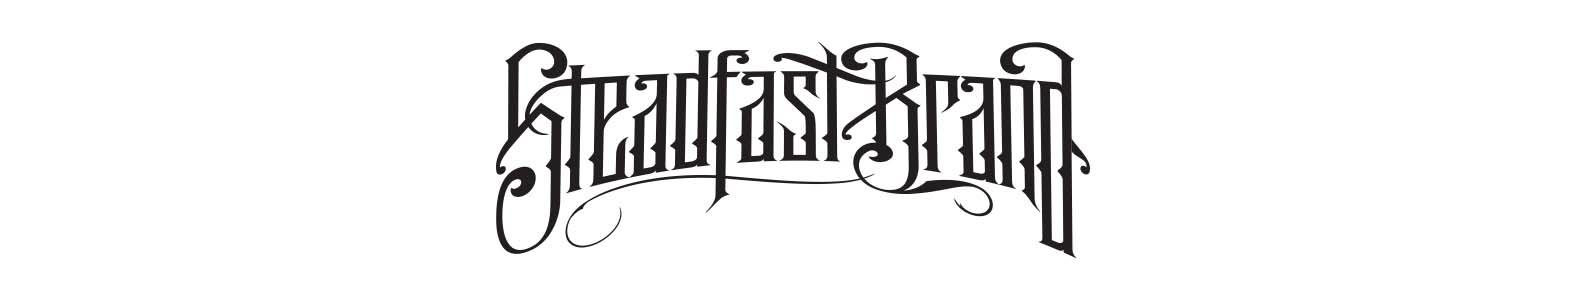 Steadfast brand header image